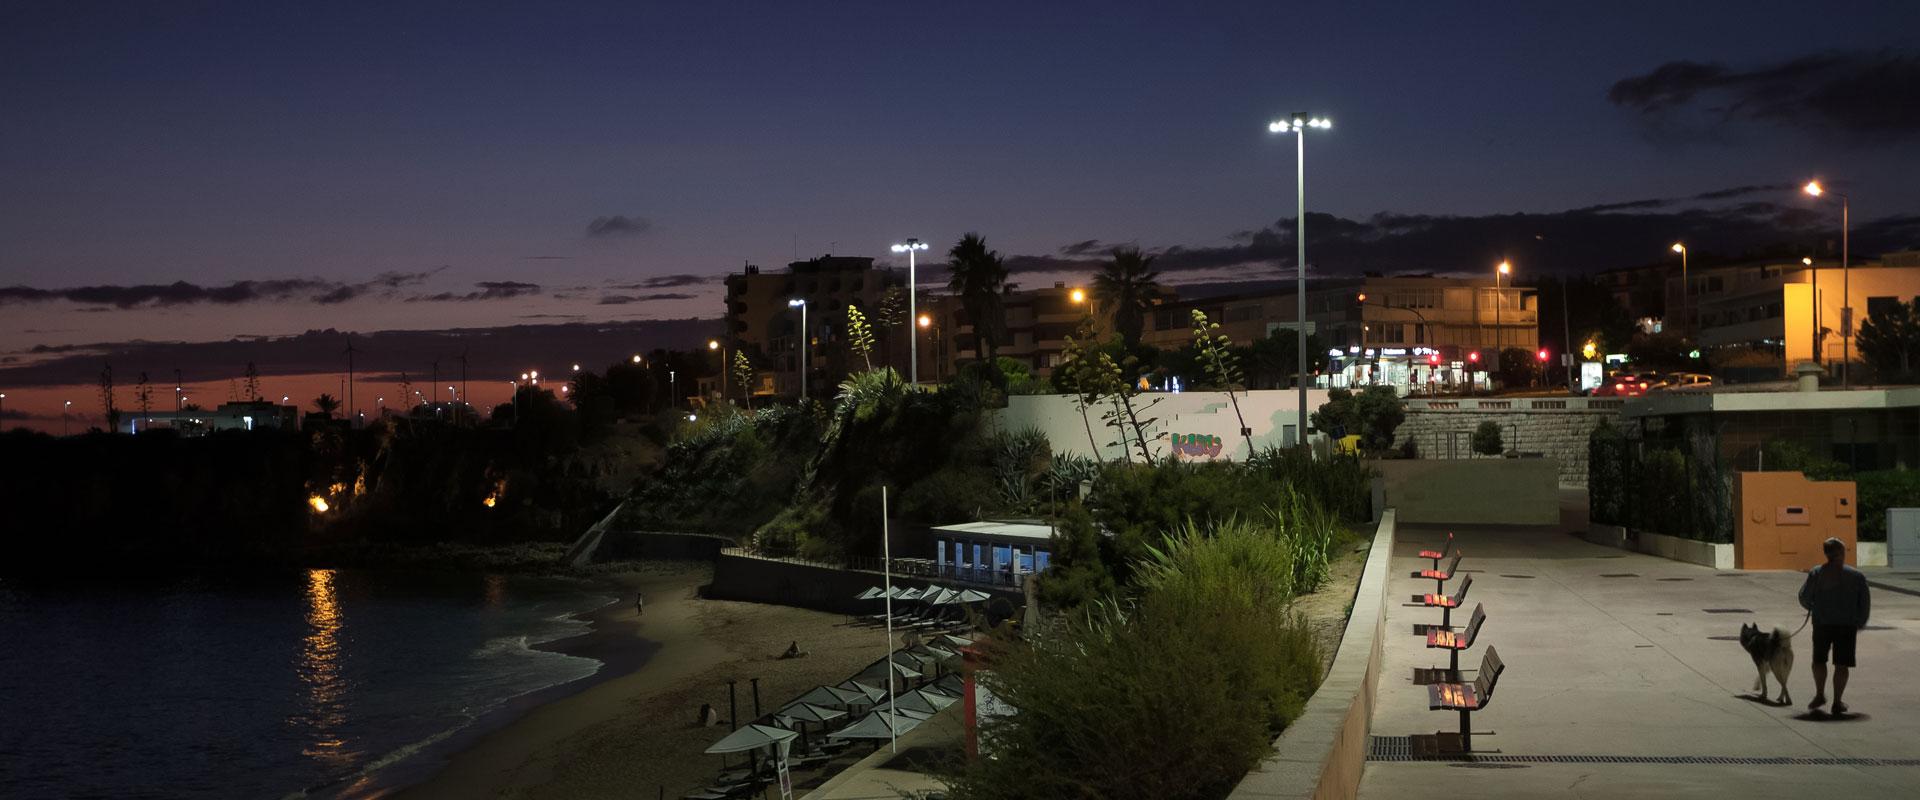 iluminacao pública paredão de cascais